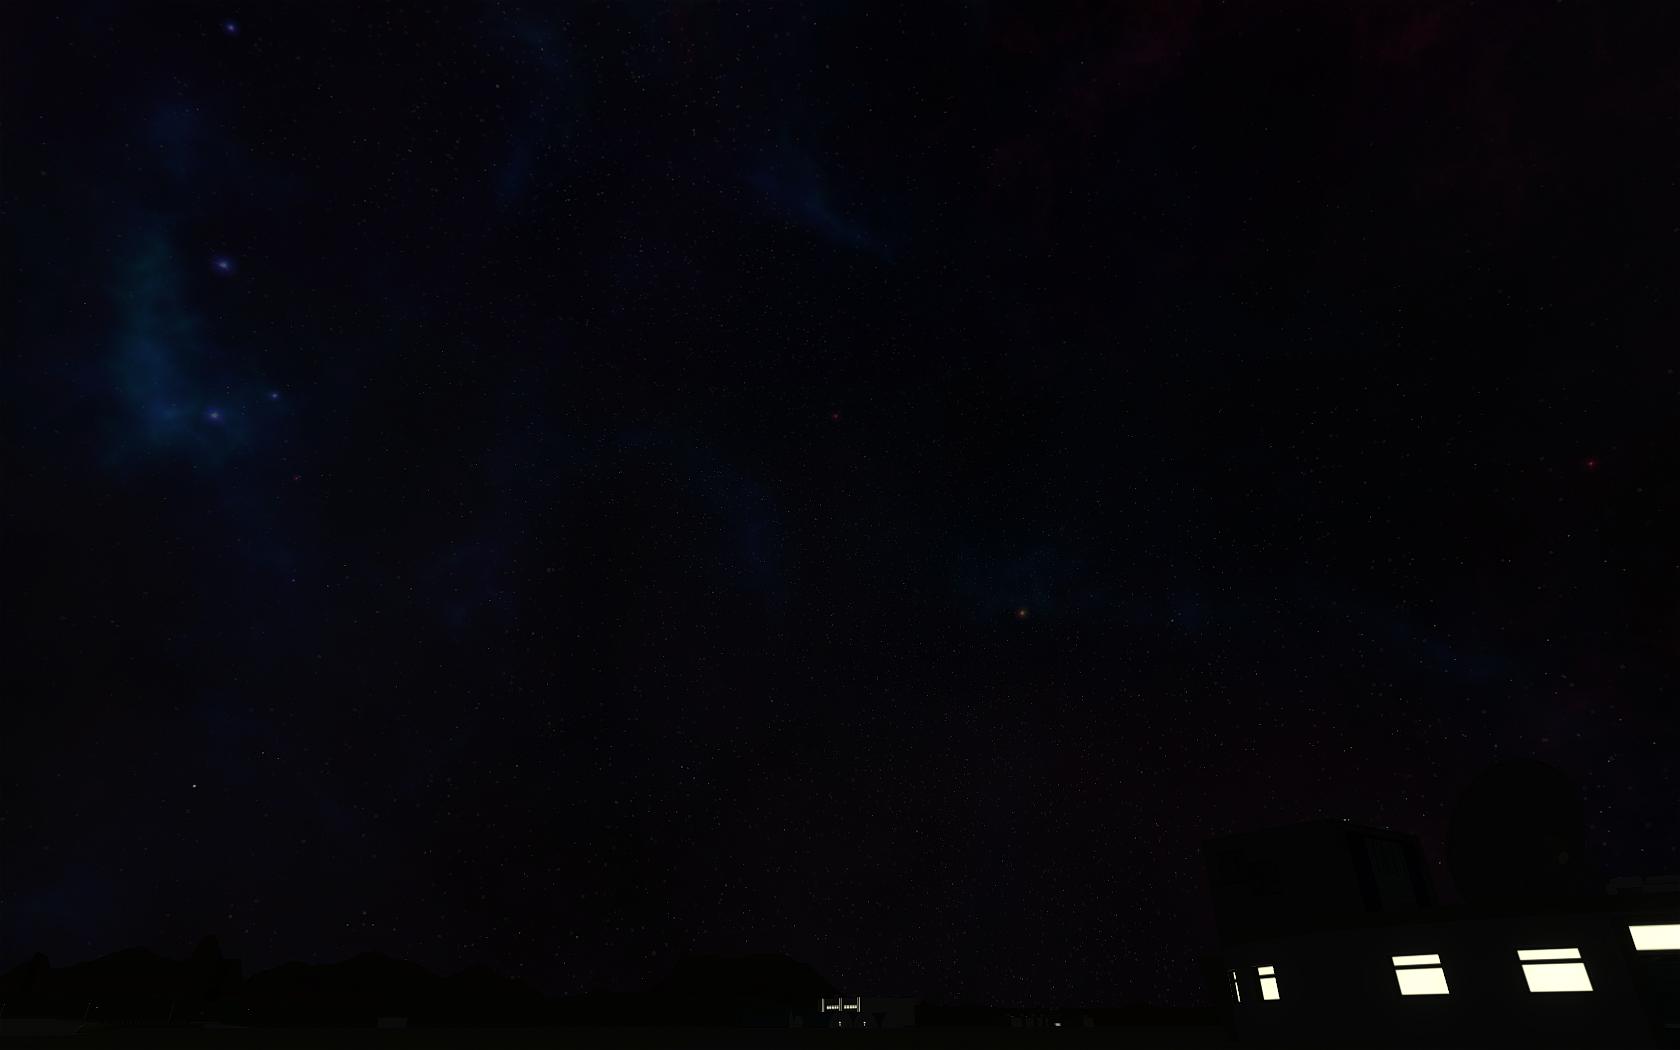 beneath-a-starry-sky_25300771139_o